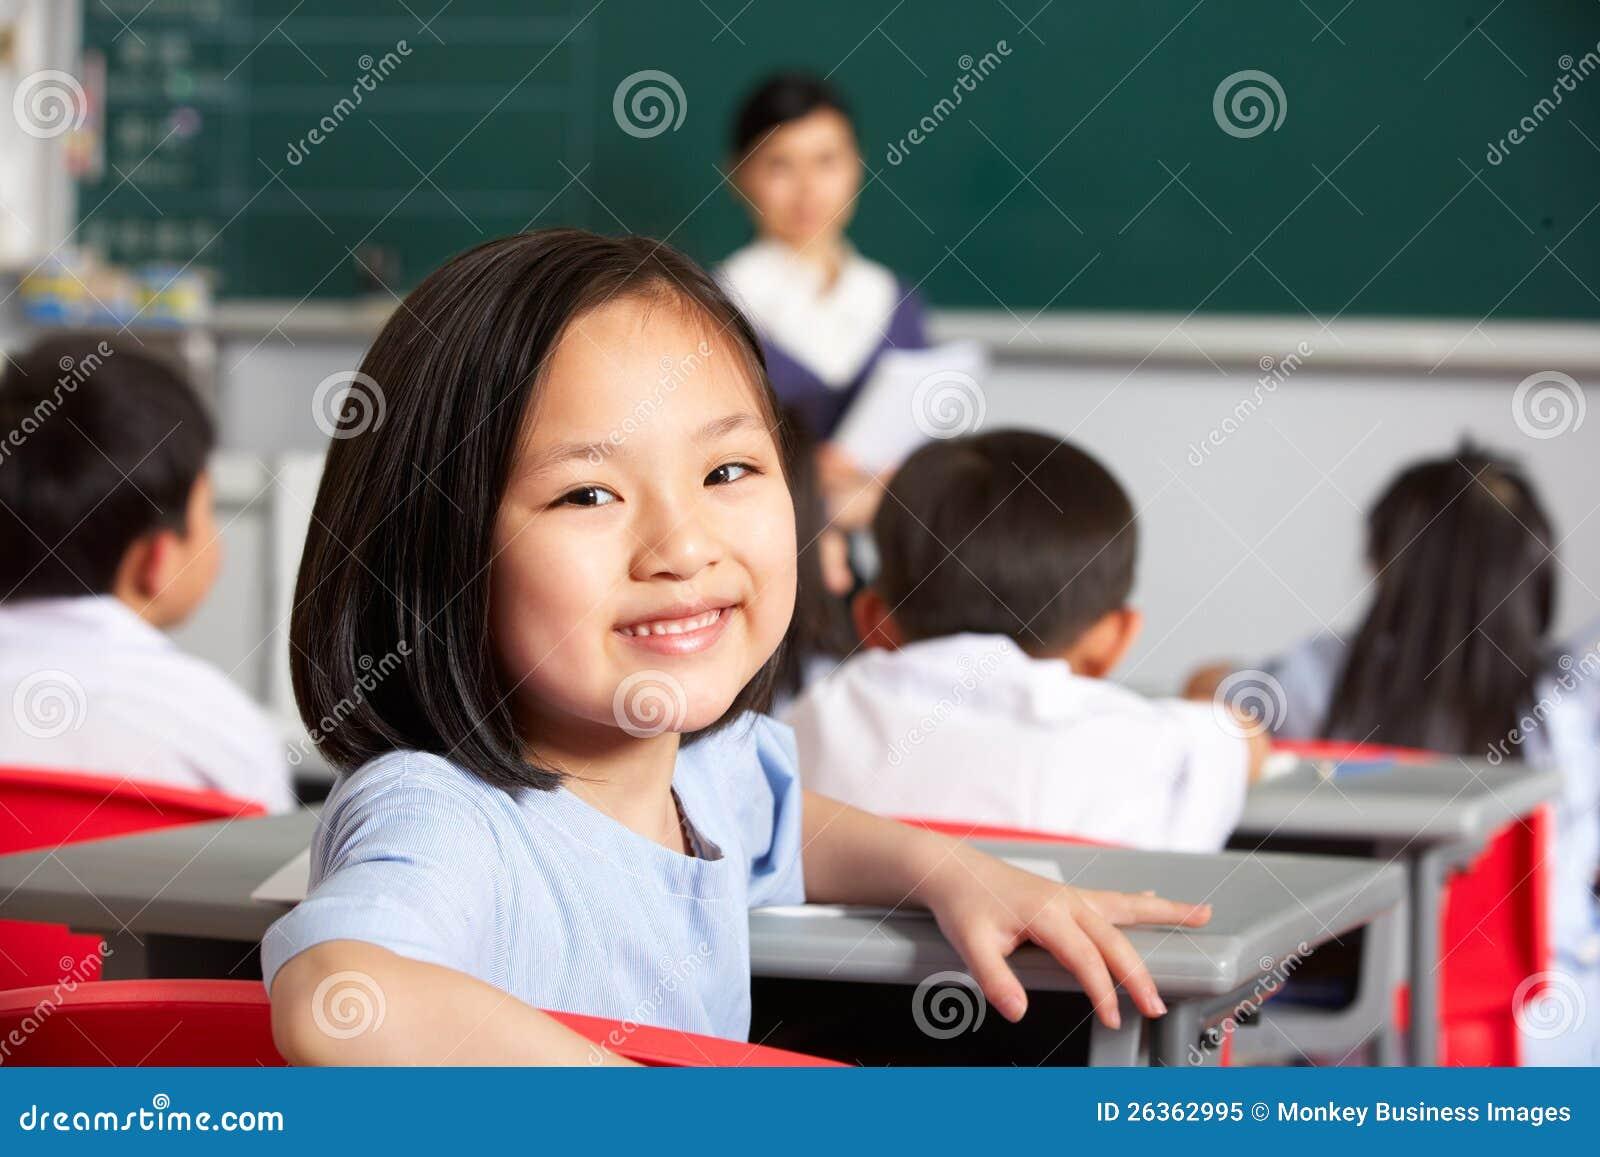 Weibliche Pupille, die am Schreibtisch in der chinesischen Schule arbeitet